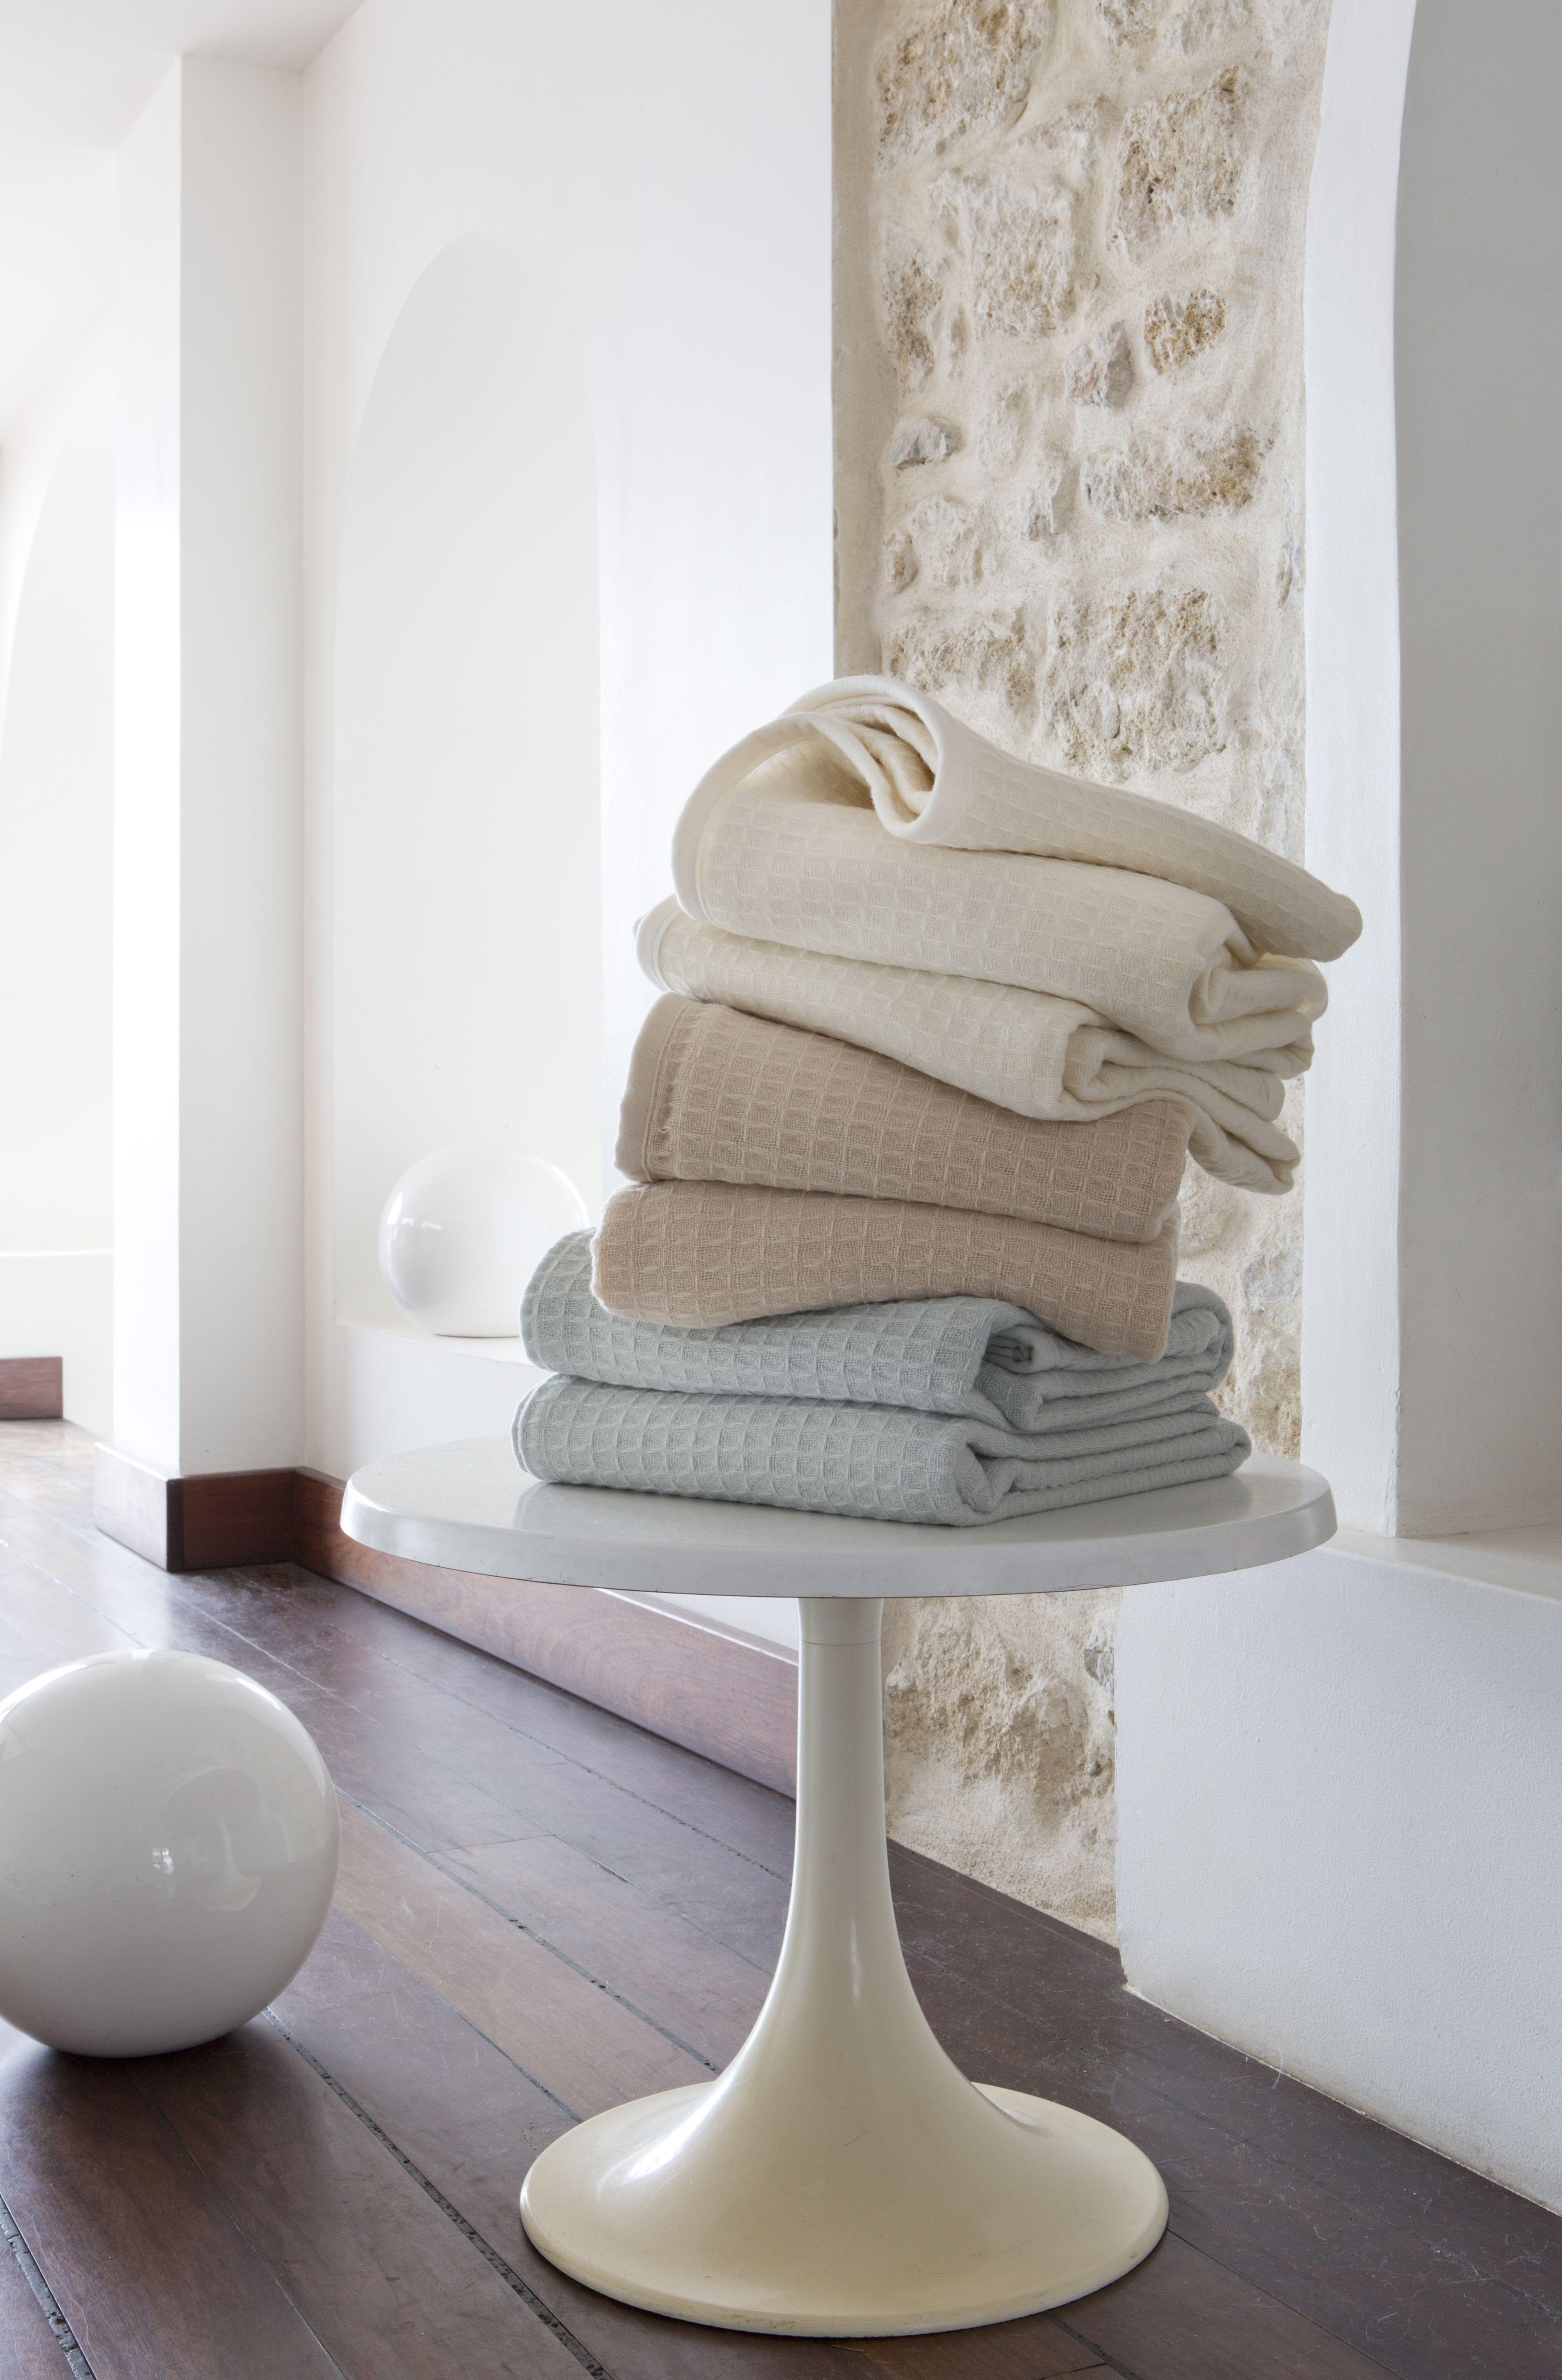 Photo Salon Feng Shui nuage couverture d'été en laine mérinos / merino wool summer